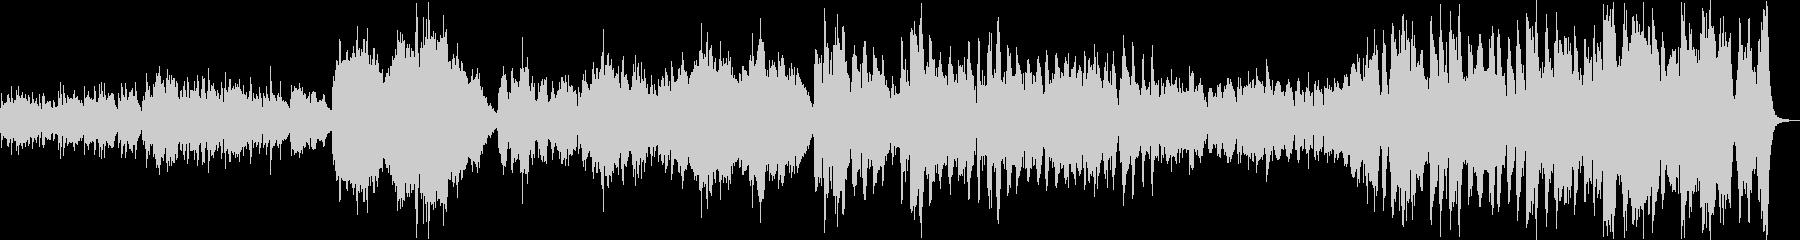 感動的なオーケストラの未再生の波形